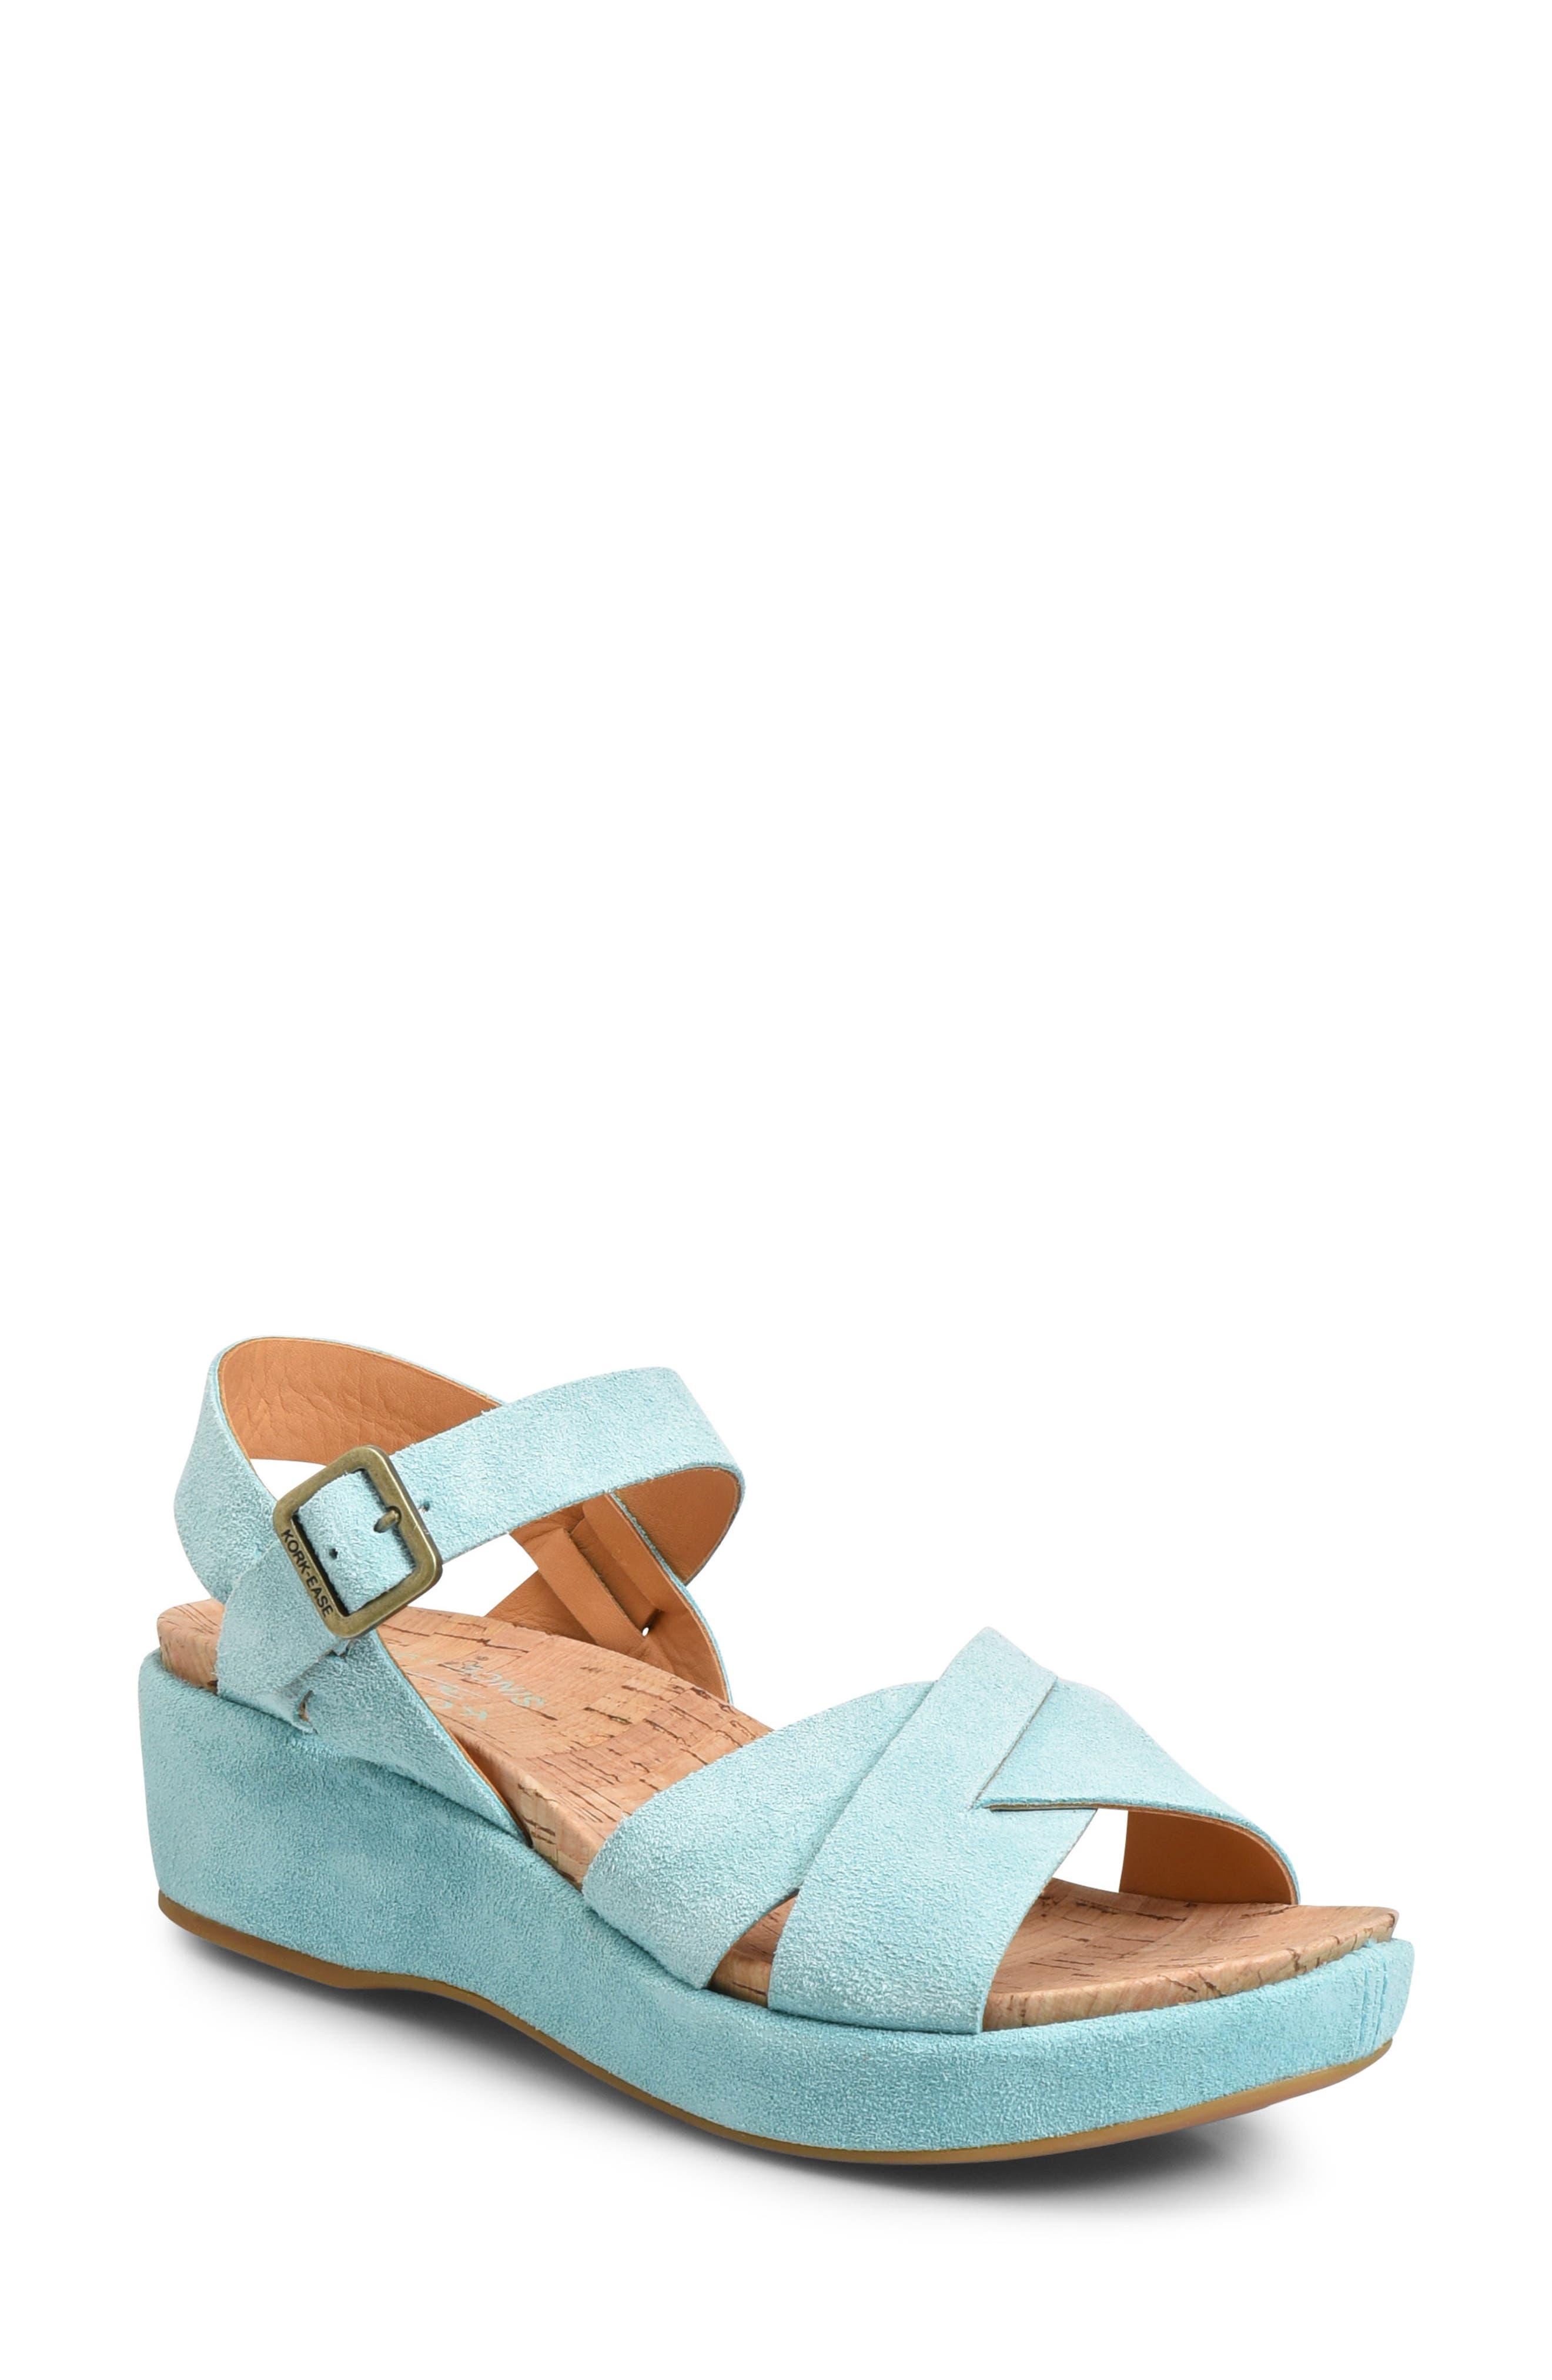 Alternate Image 1 Selected - Kork-Ease® 'Myrna 2.0' Cork Wedge Sandal (Women)